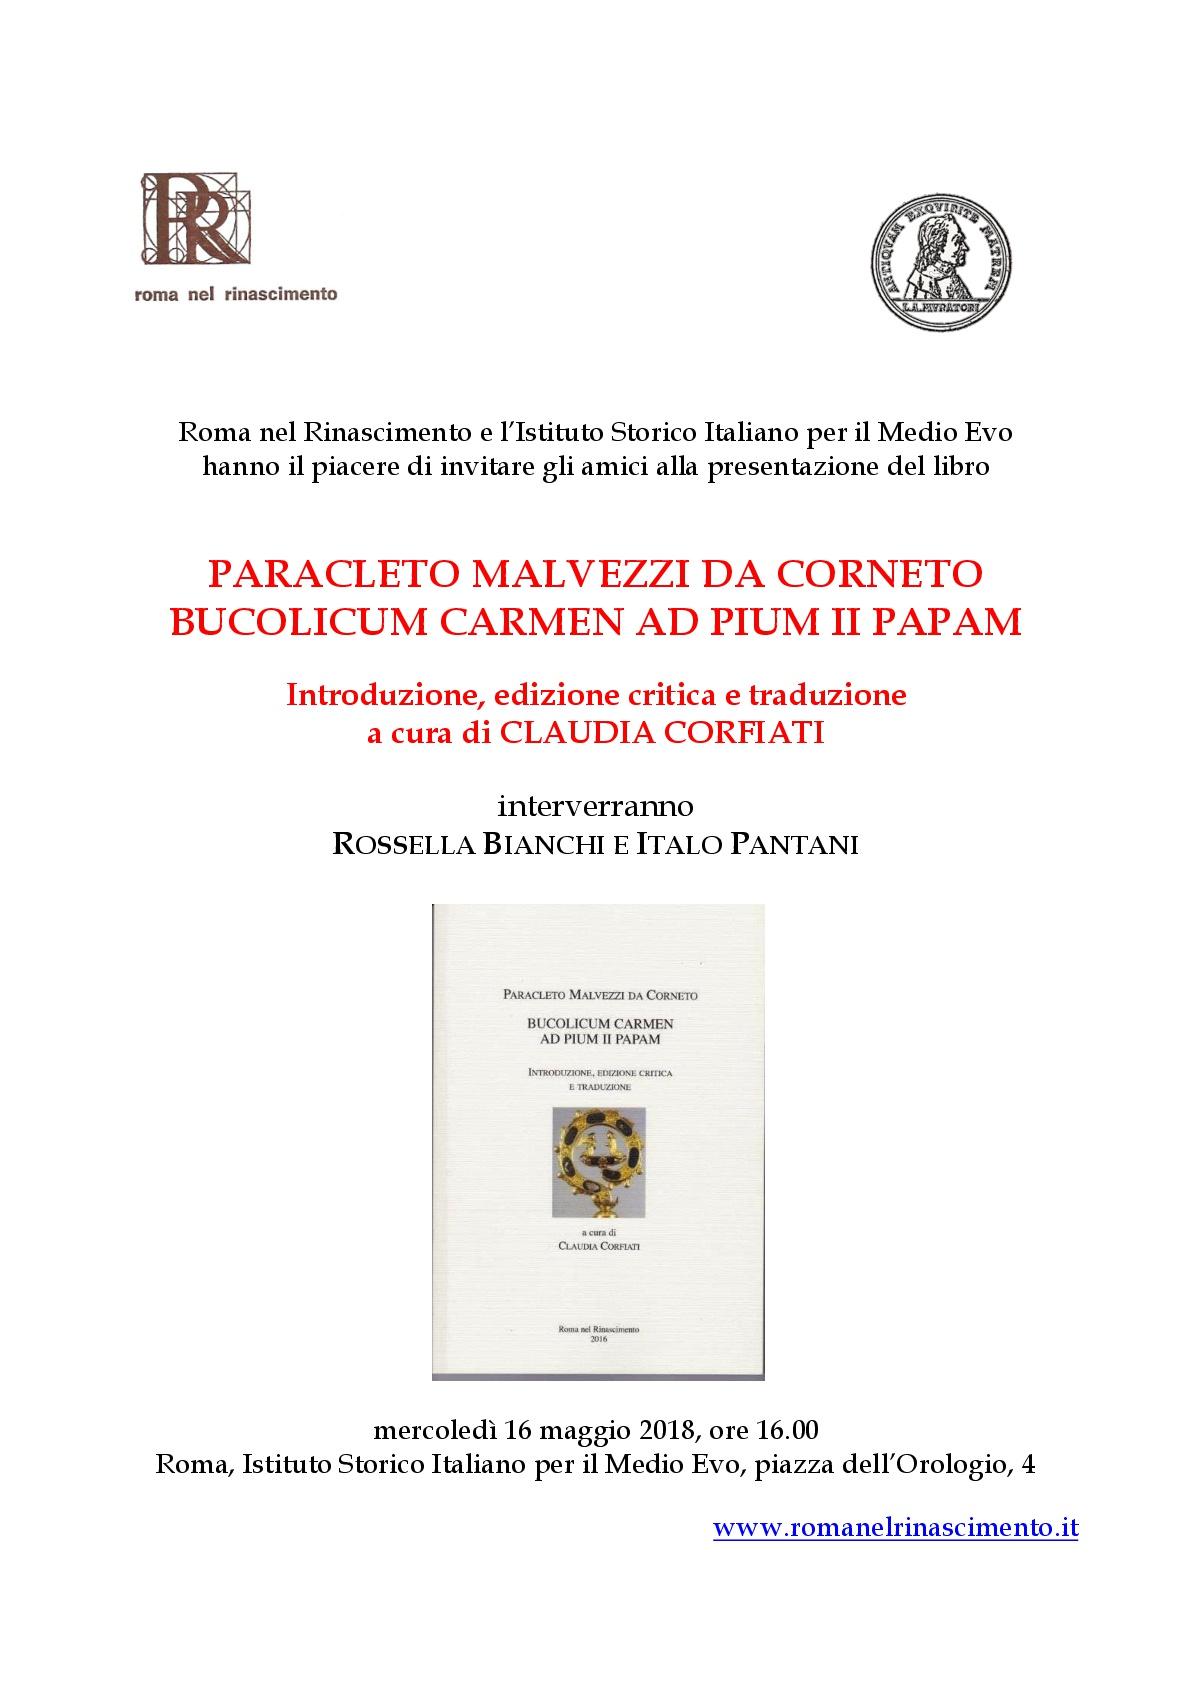 RR invito presentazione Corfiati-001